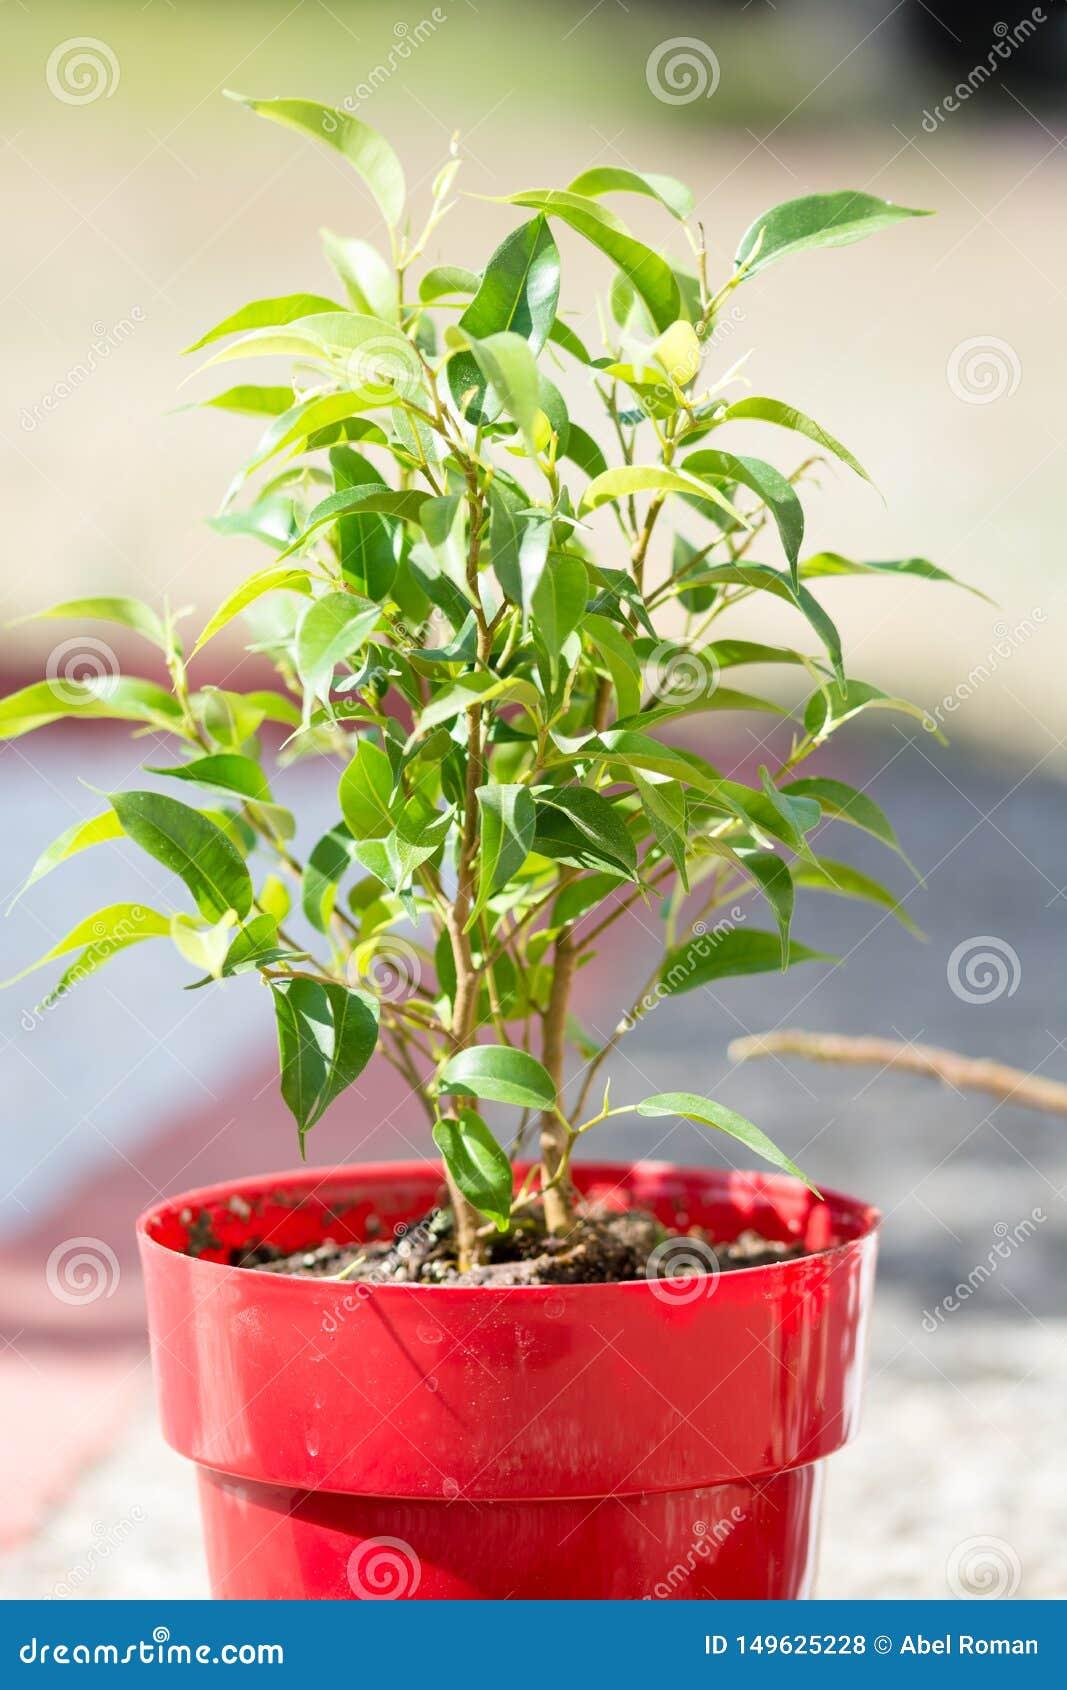 Grünpflanze mit vielen Blättern in einem roten Topf